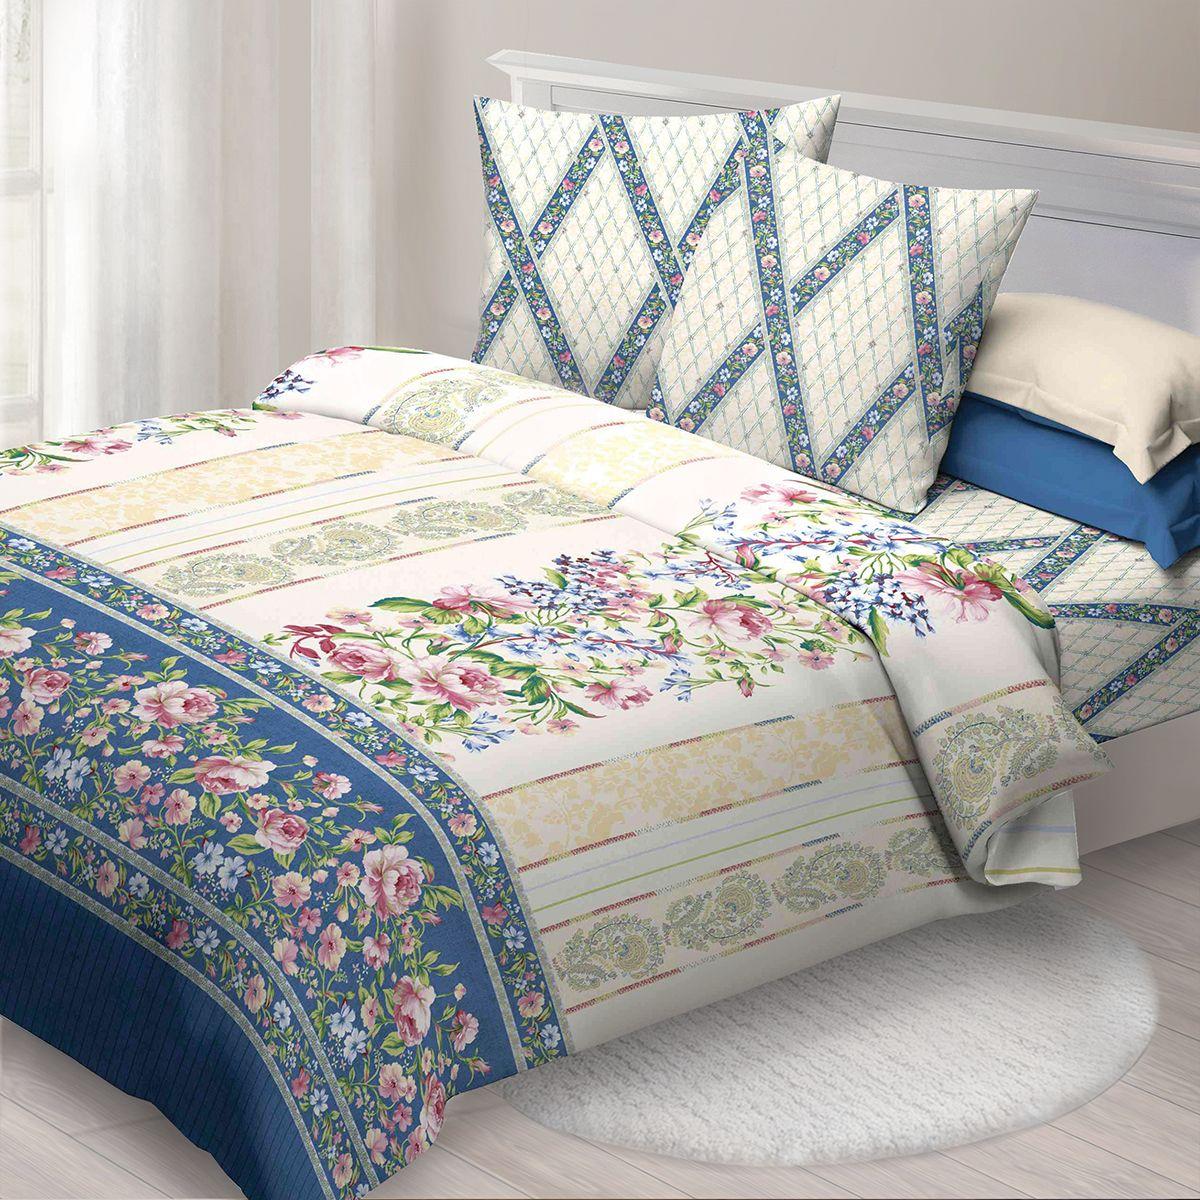 Комплект белья Спал Спалыч Соблазн, семейный, наволочки 70x70, цвет: синий. 3523-182483